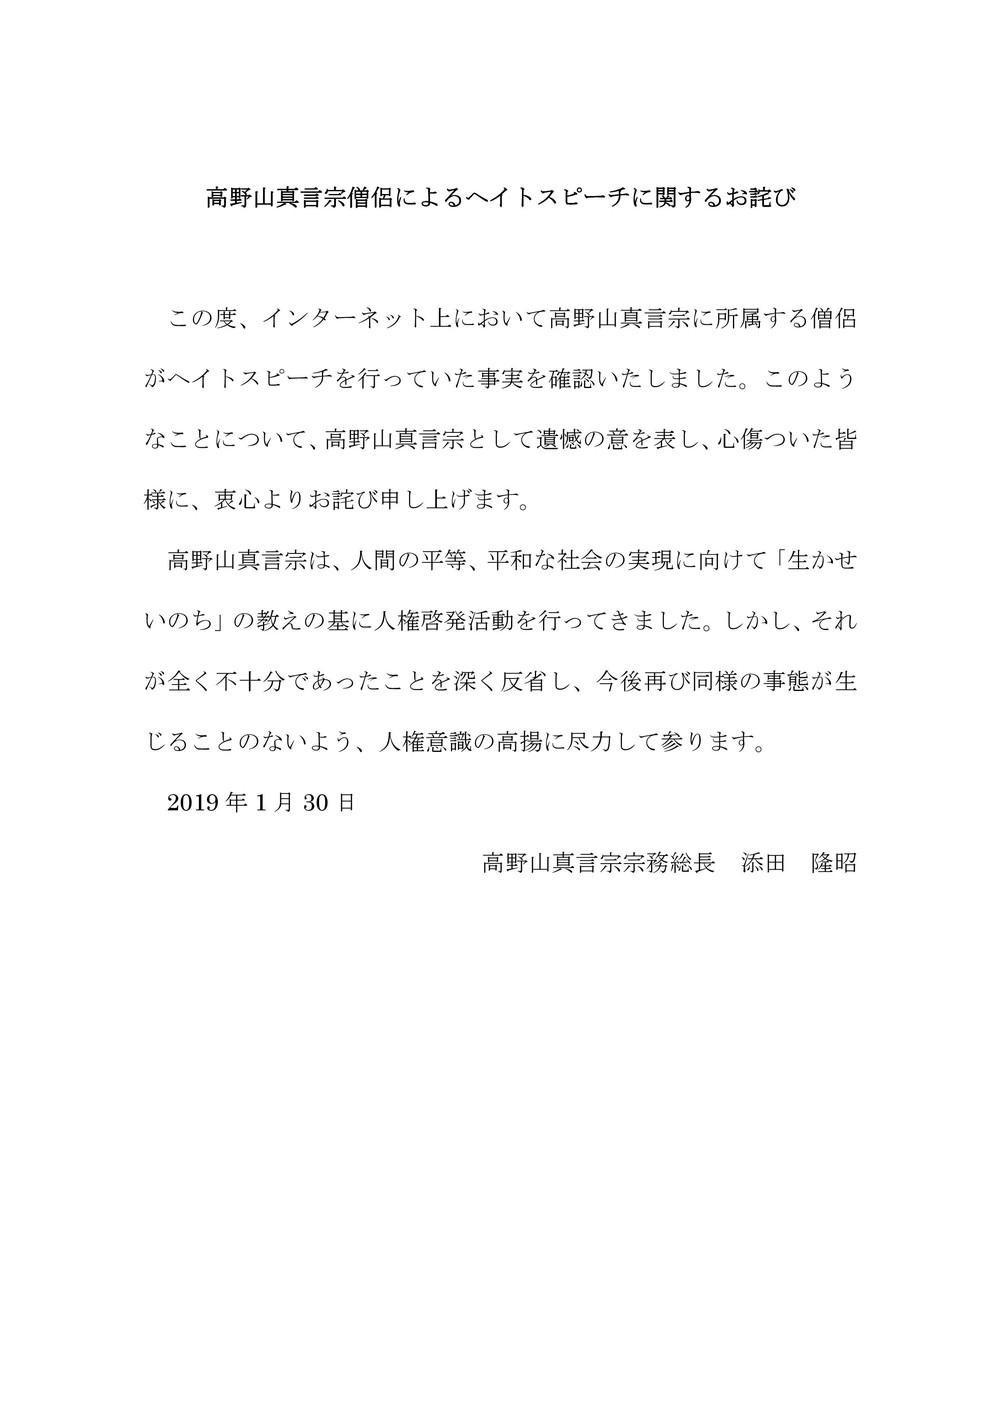 金剛峯寺、僧侶の「ヘイト」発言謝罪 ツイッターで「韓国人 3人寄れば ドクズかな」